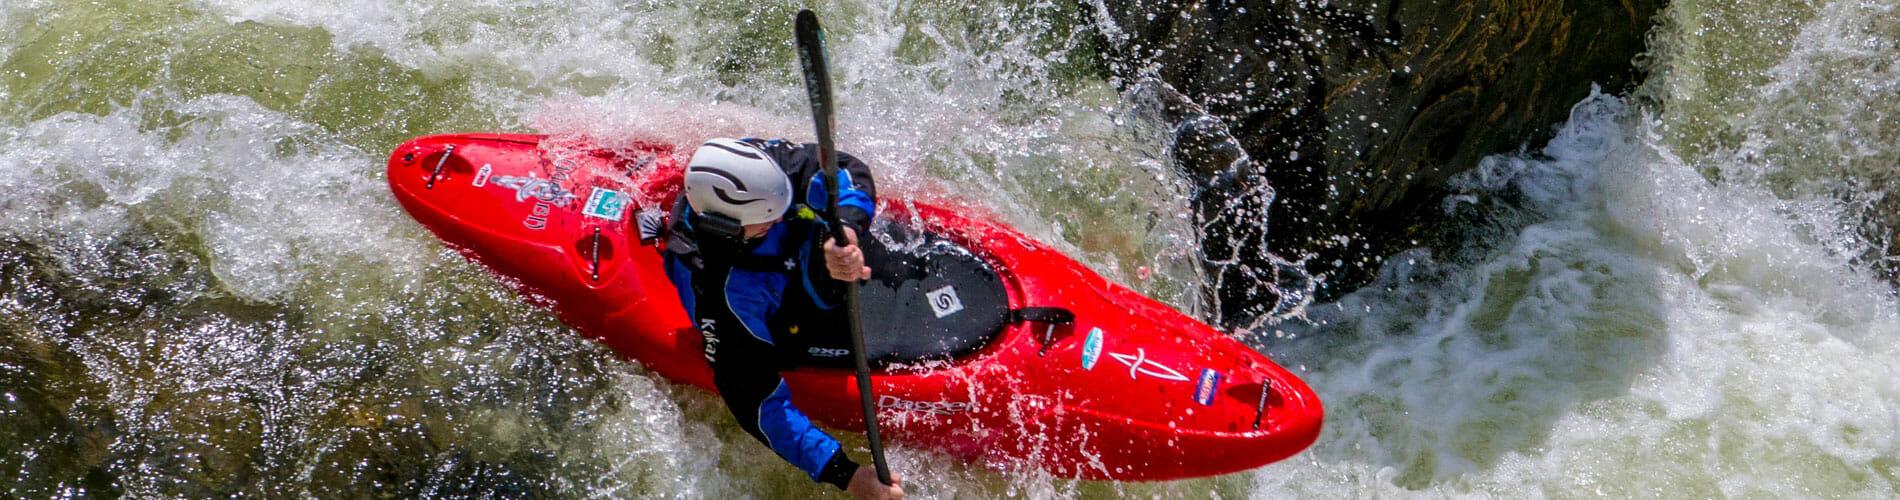 Luke Hanson Kayaking